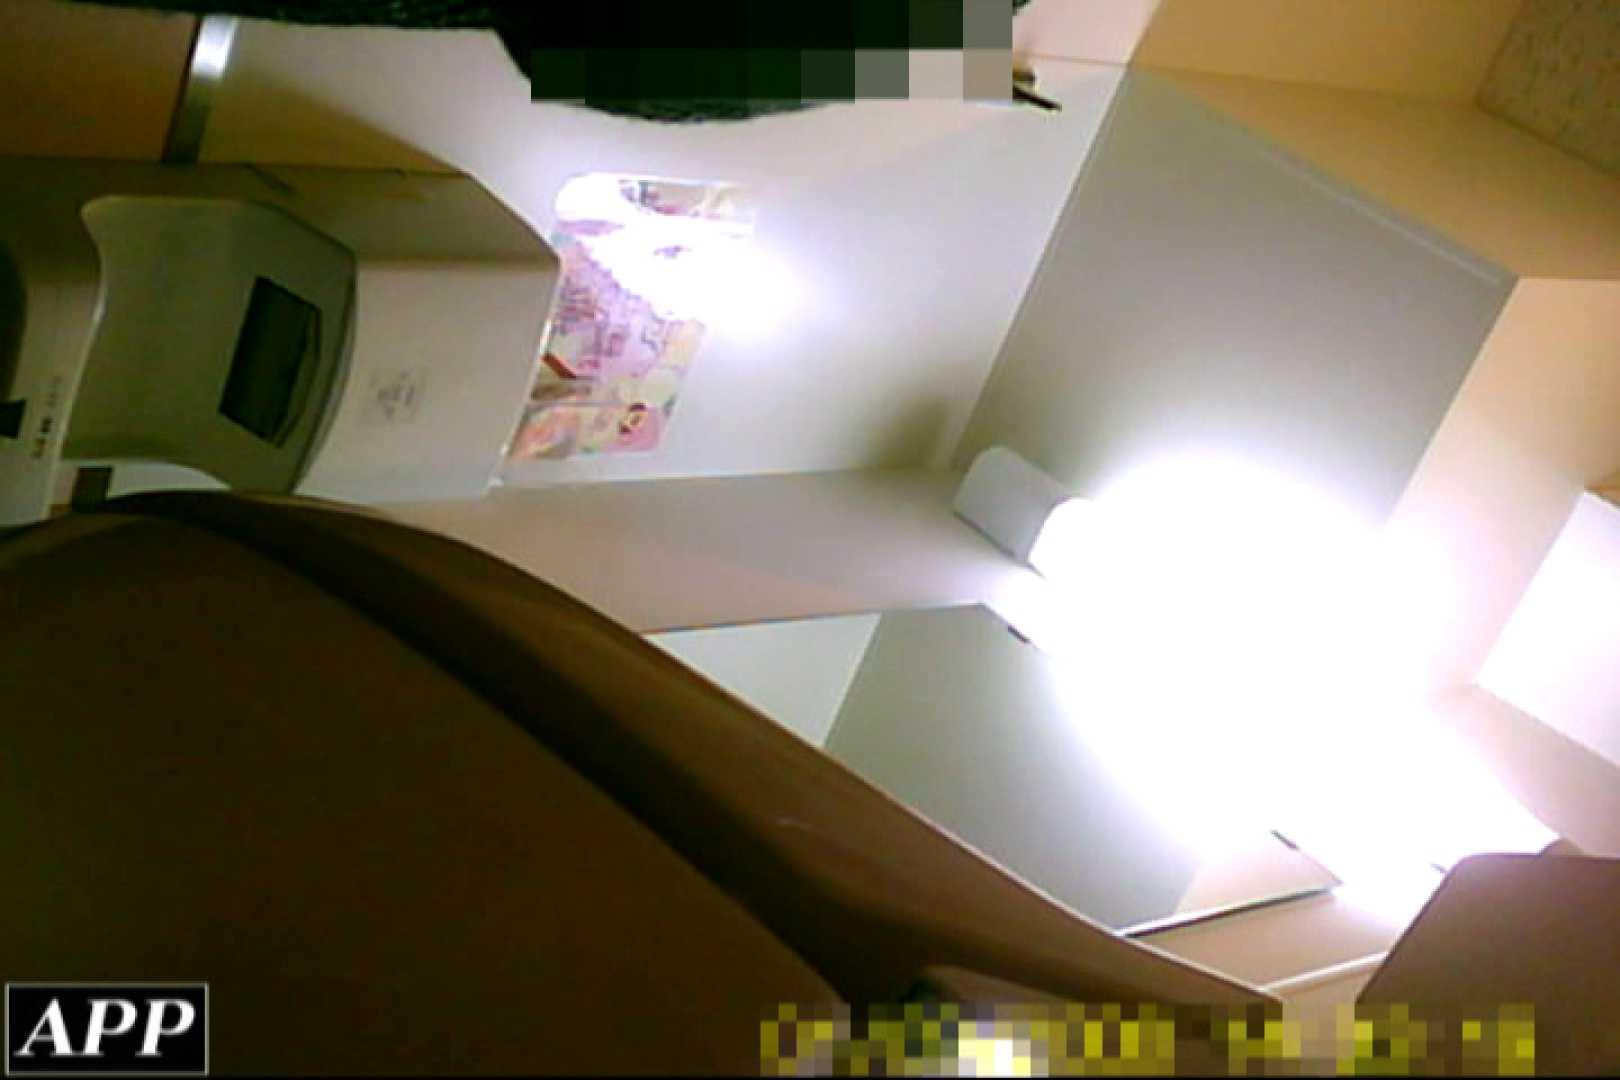 3視点洗面所 vol.144 洗面所 盗撮おまんこ無修正動画無料 62PICs 26